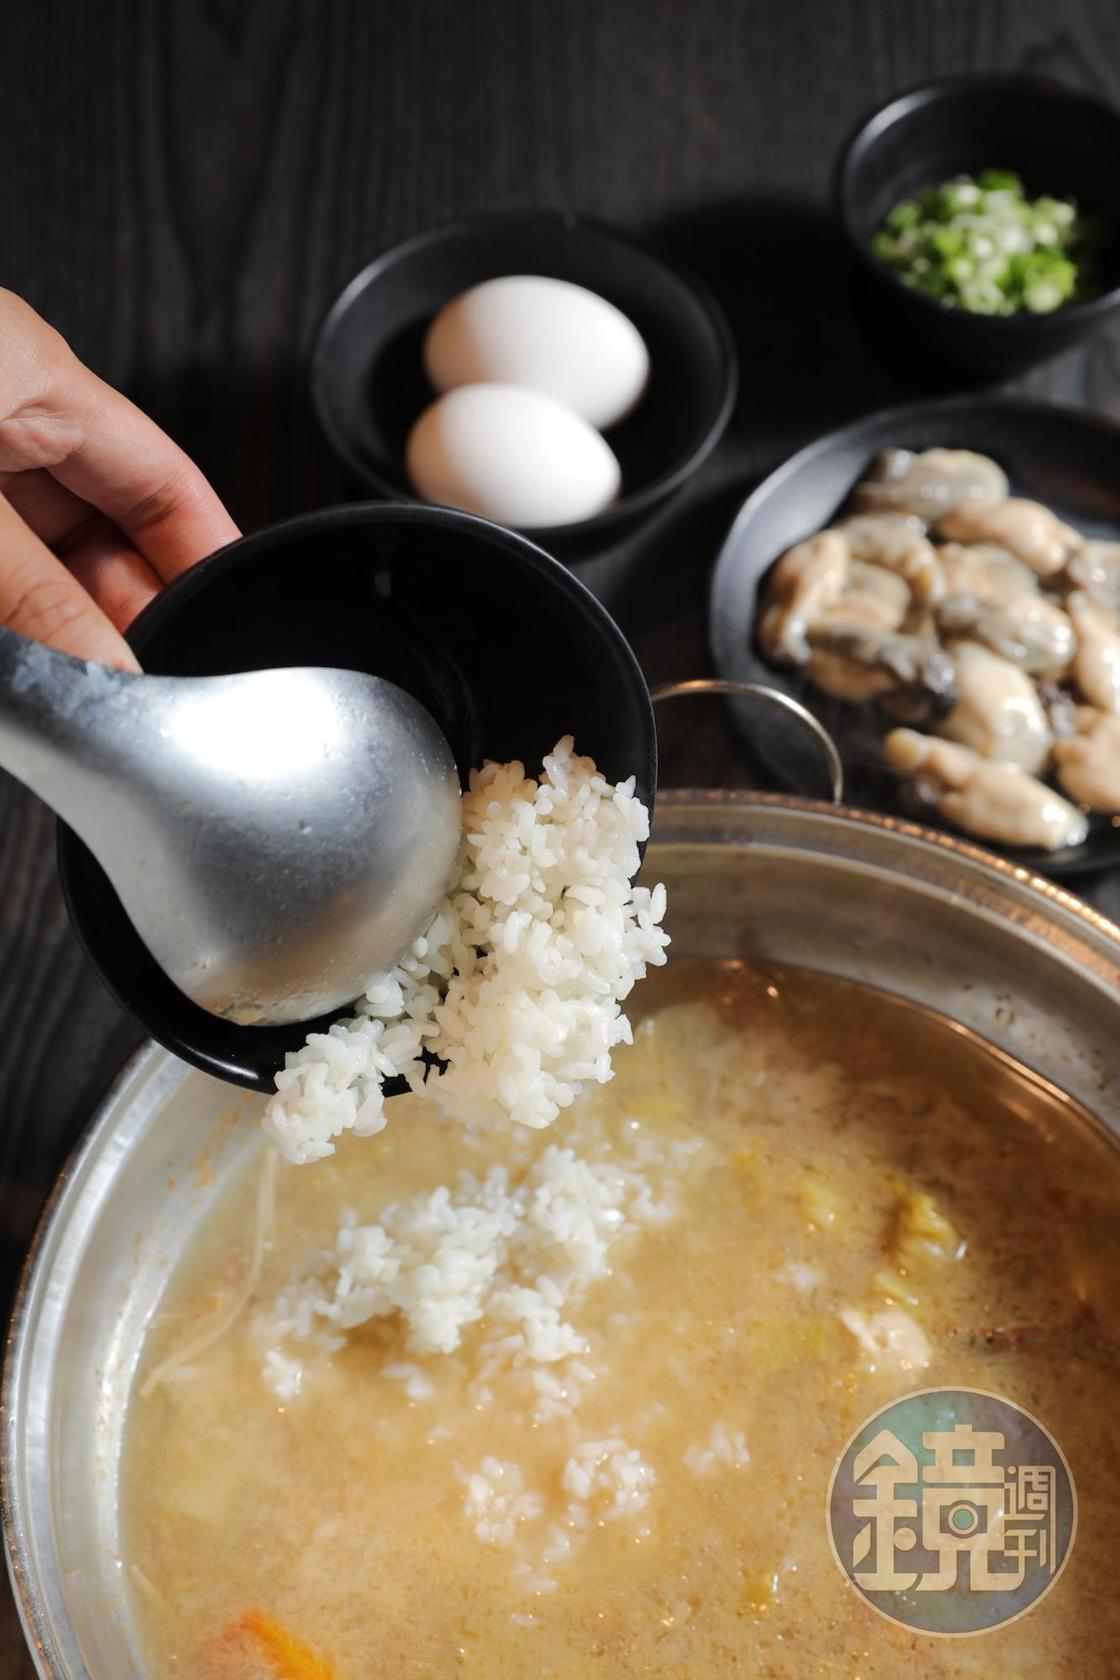 吃到最後的湯底別浪費,還能點份「白飯」(15元/碗)、「青蚵」(140元/份),來煮個鮮味爆炸的台式雜炊。